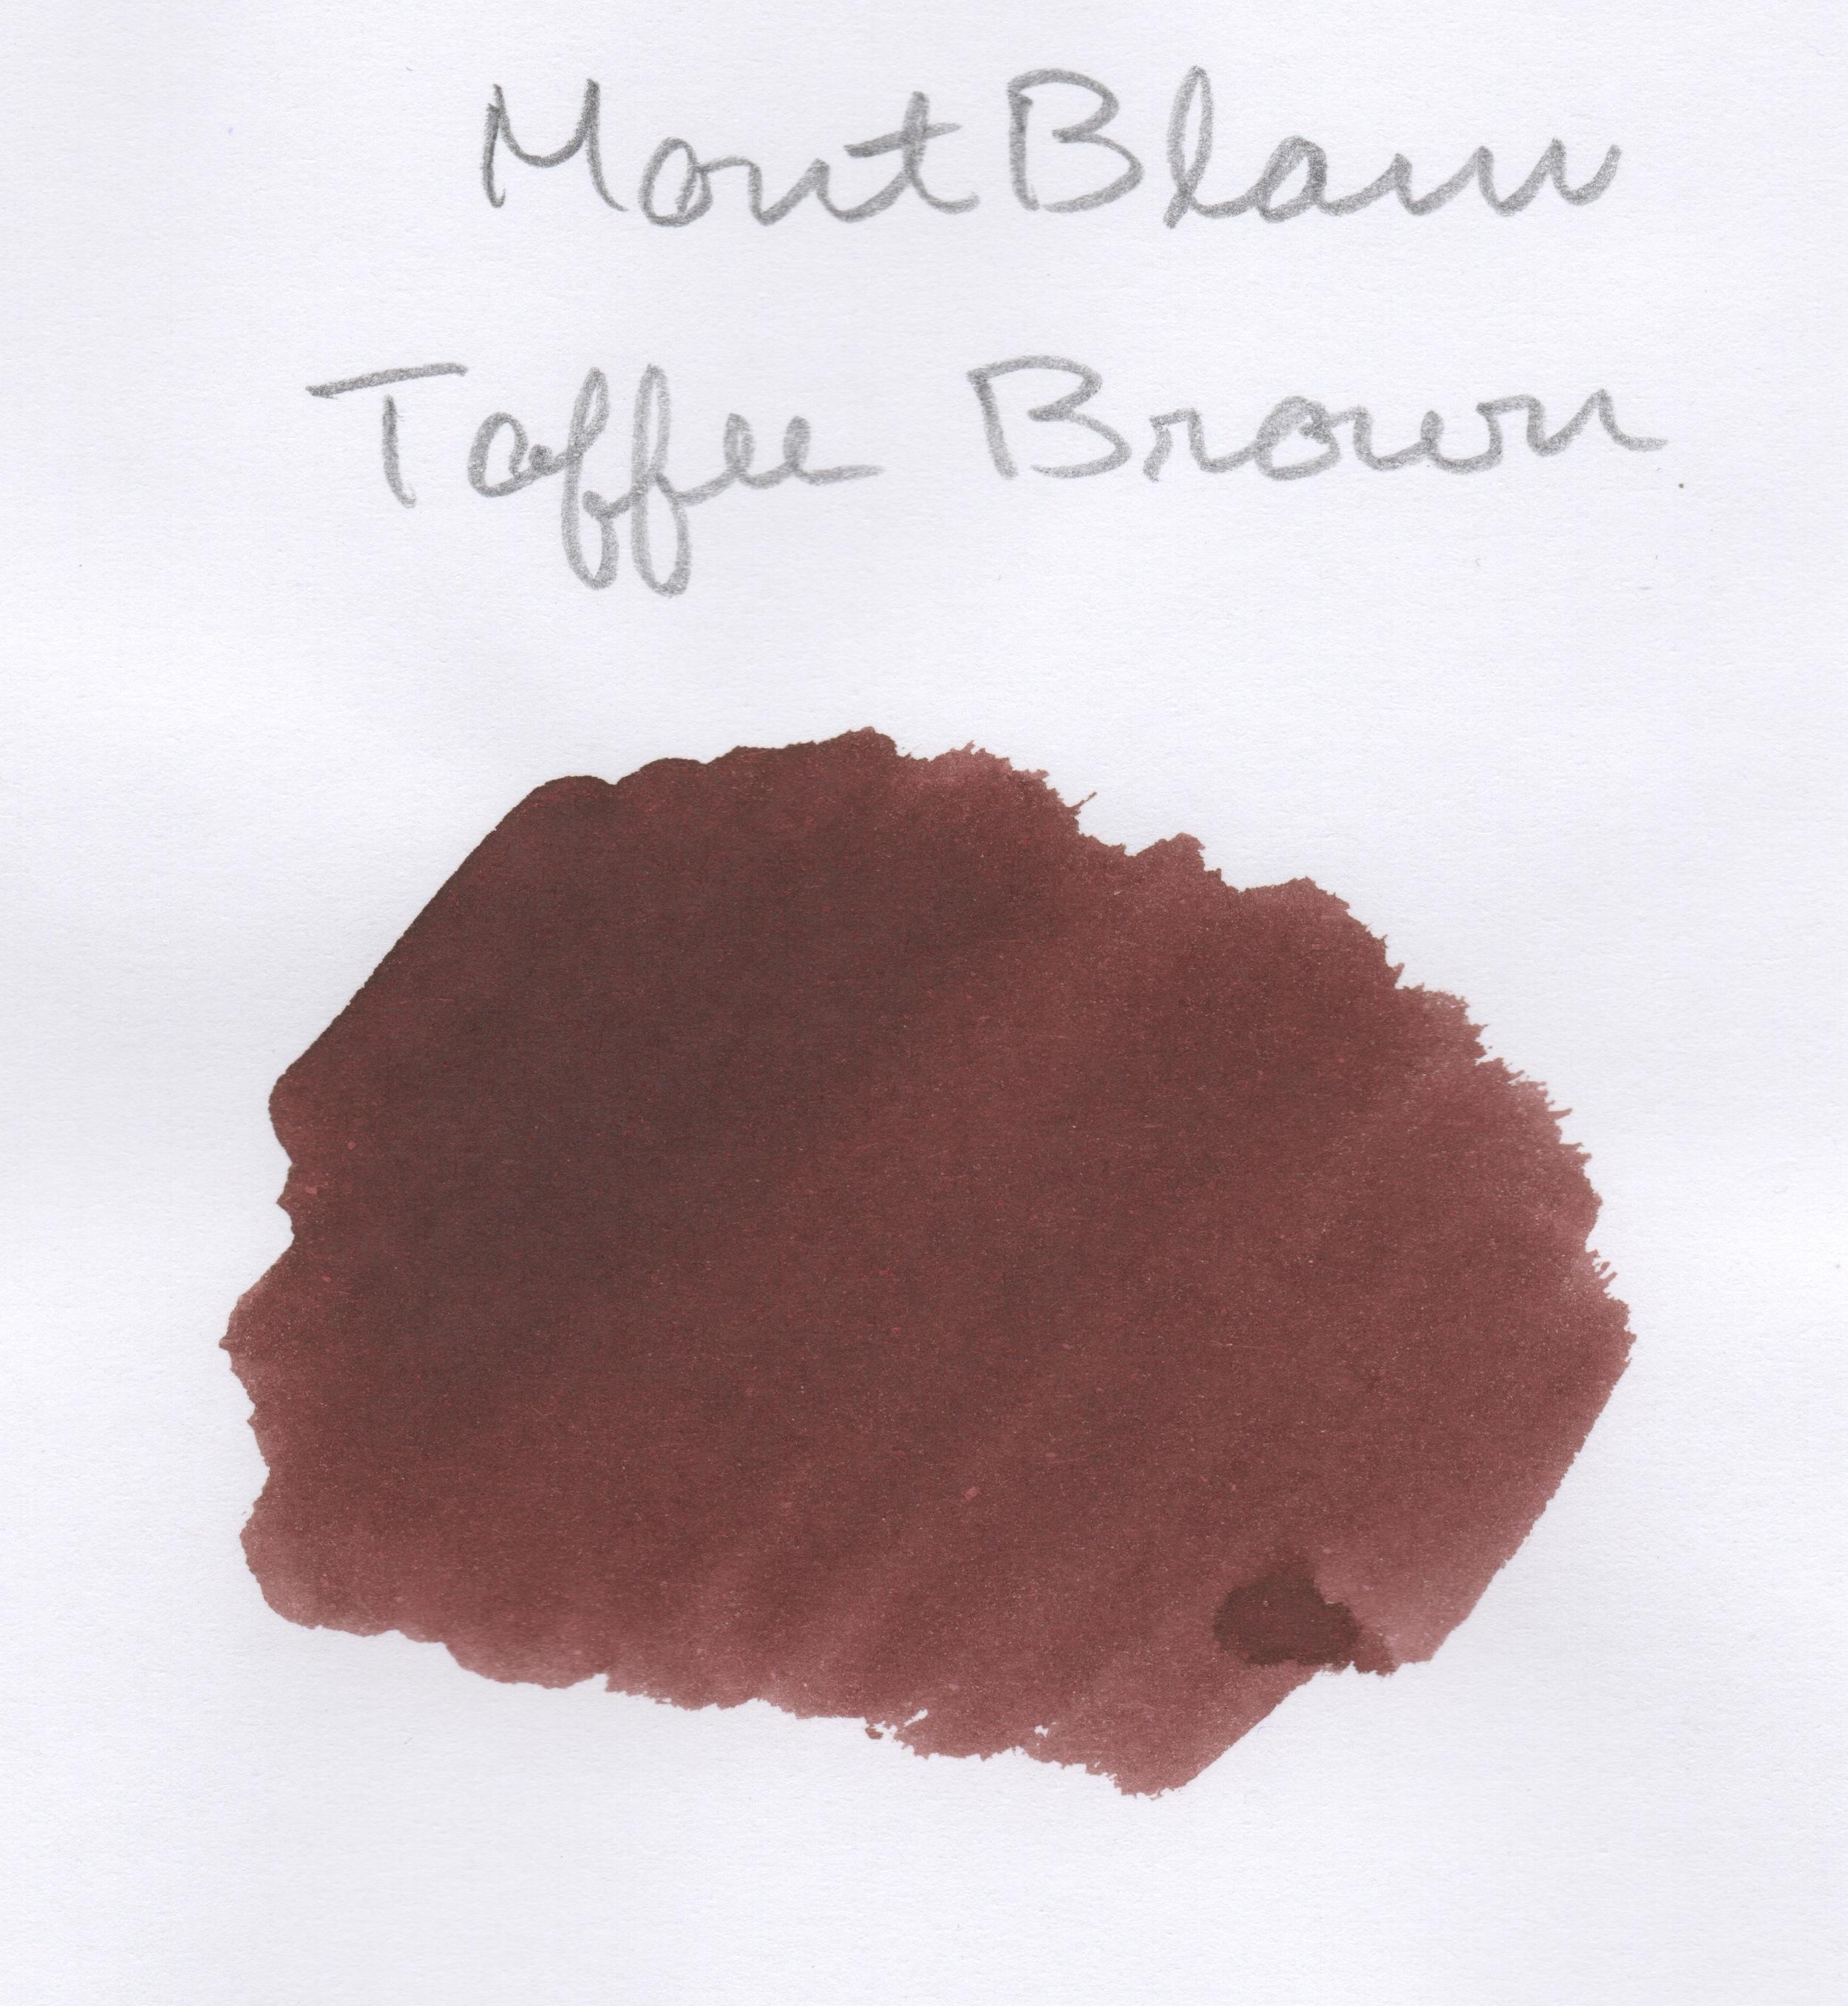 MB Toffee Brown.jpeg